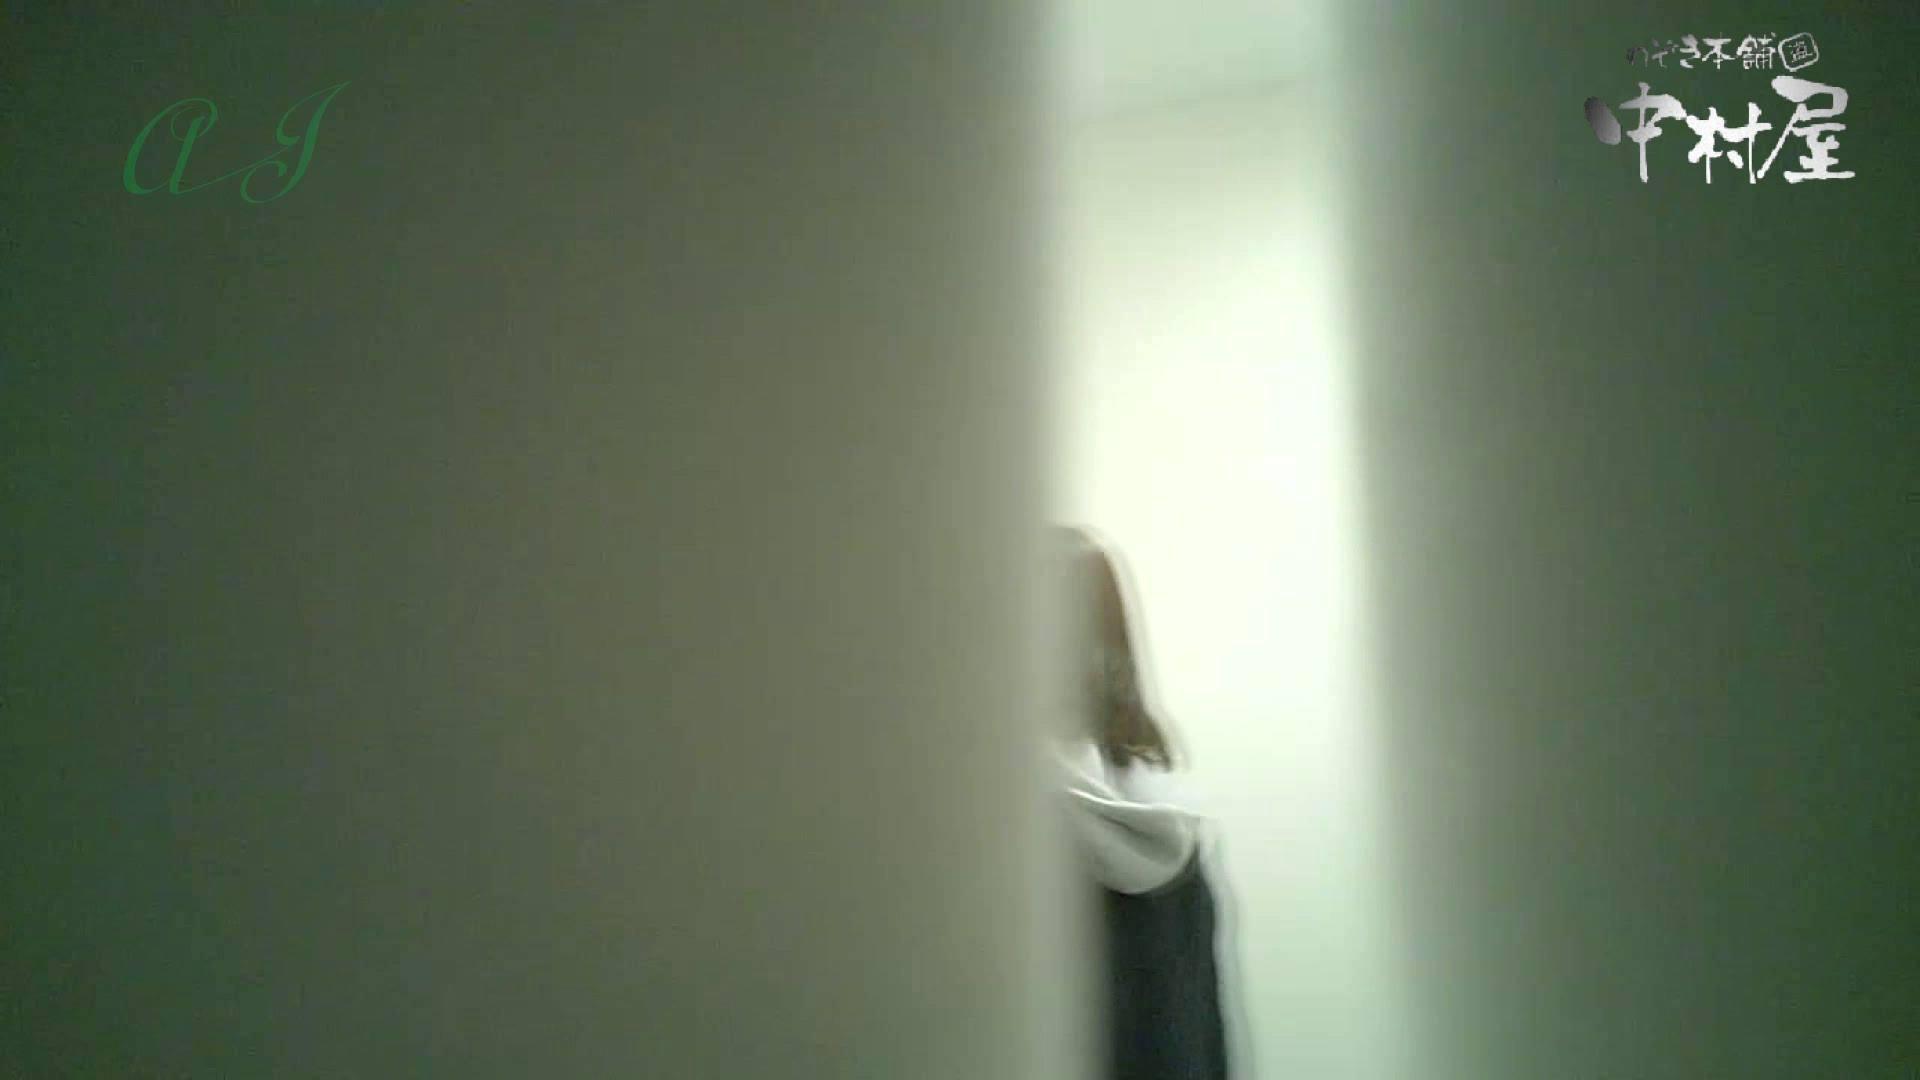 有名大学女性洗面所 vol.60 設置の神です。 潜入シリーズ  105Pix 9